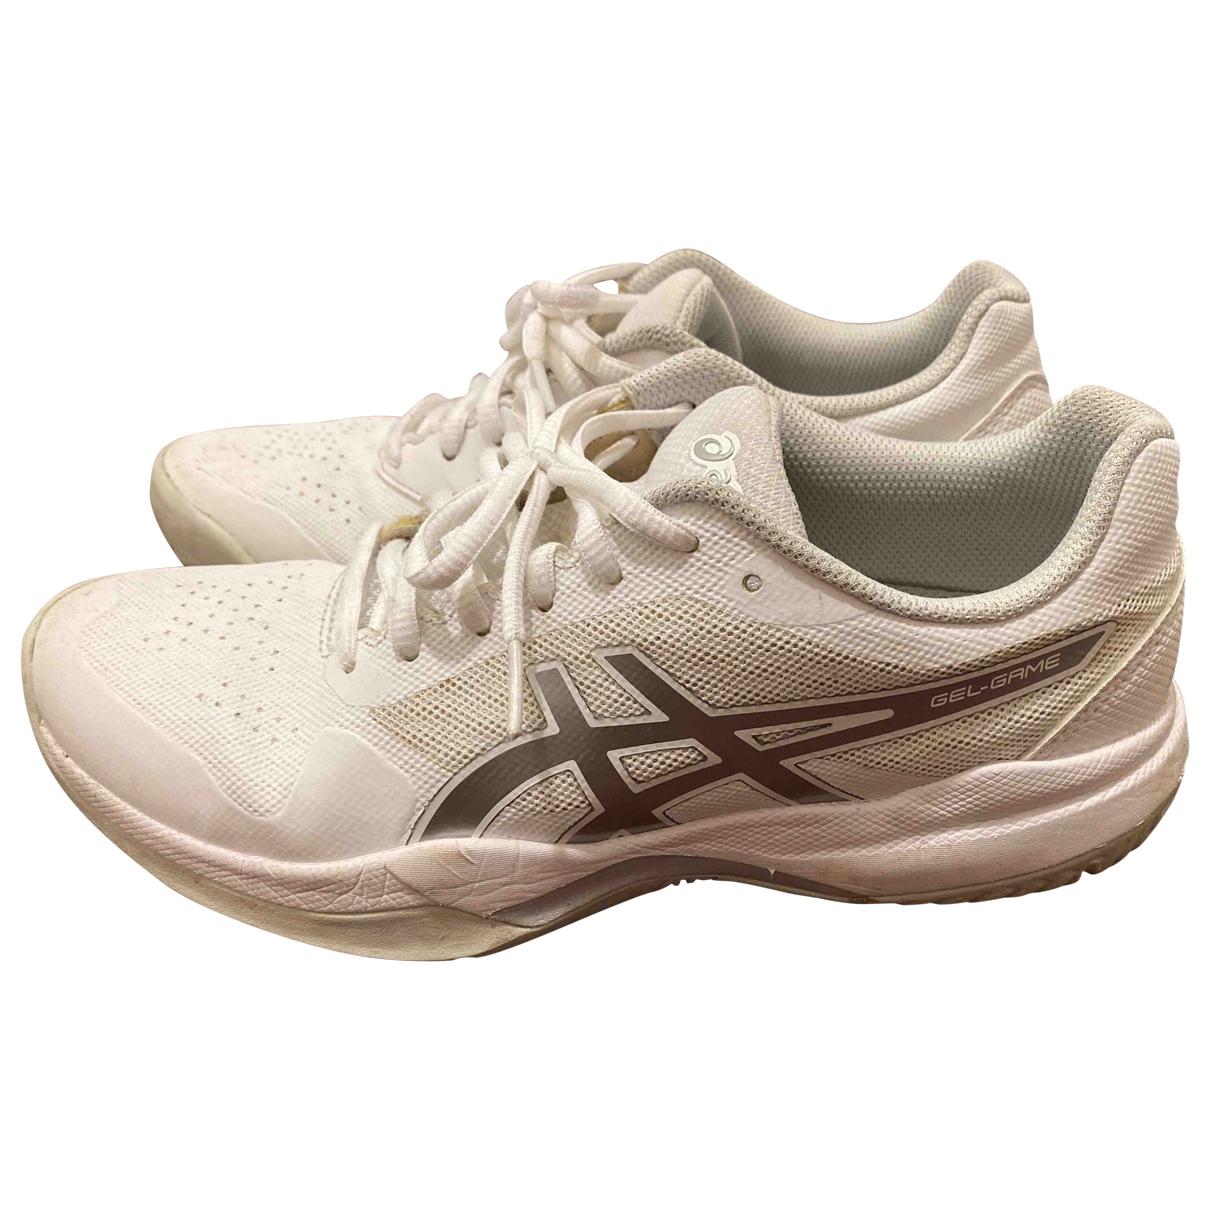 Asics - Baskets   pour femme - blanc